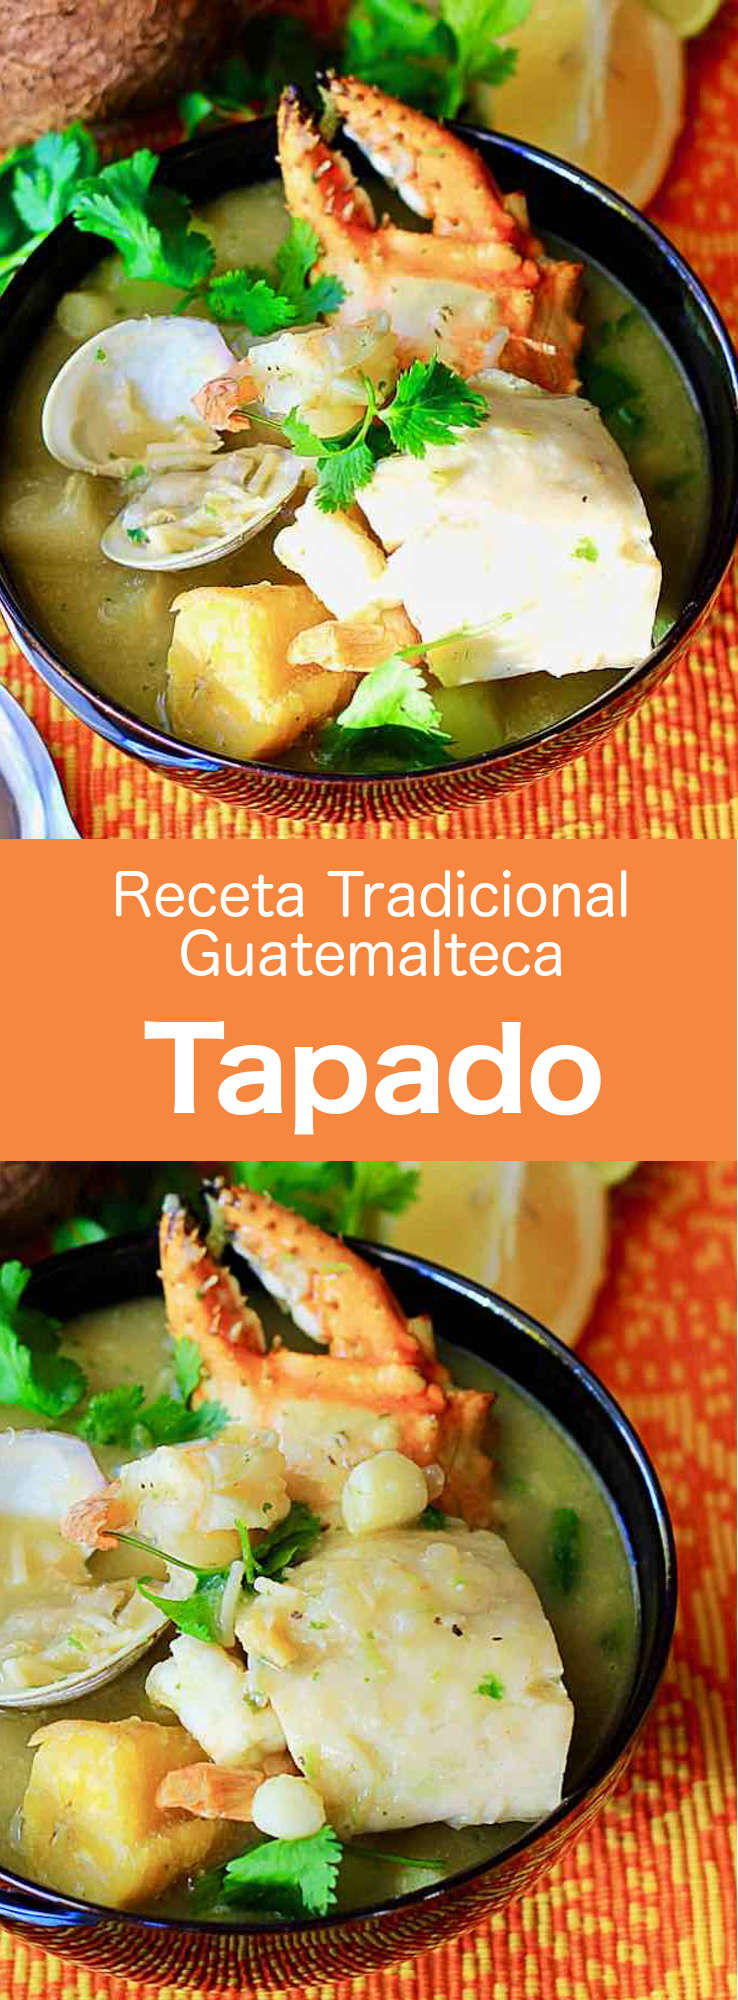 El tapado es una deliciosa sopa tradicional de mariscos guatemalteca, preparada con crema de plátano verde y coco. #Guatemala #196flavors